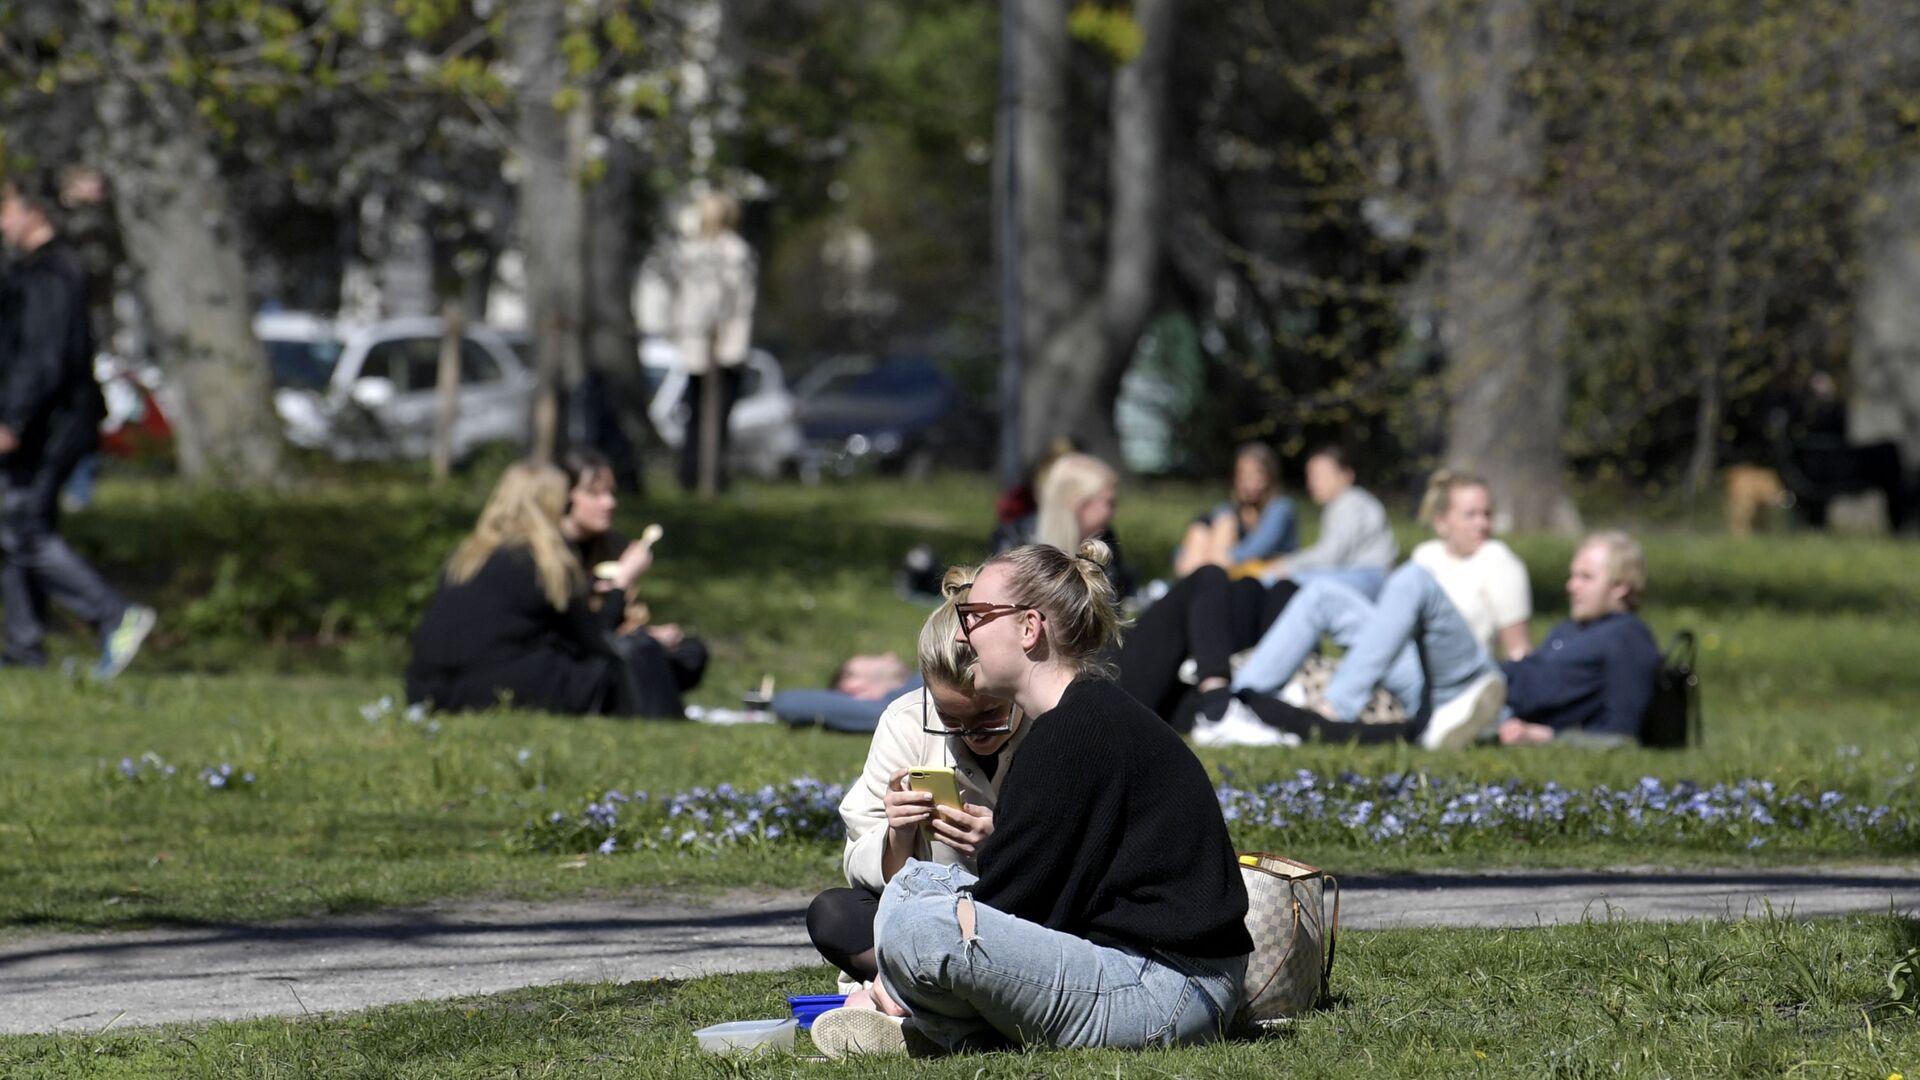 Άνθρωποι κάθονται σε πάρκο στη Στοκχόλμη εν μέσω της πανδημίας - Sputnik Ελλάδα, 1920, 12.10.2021